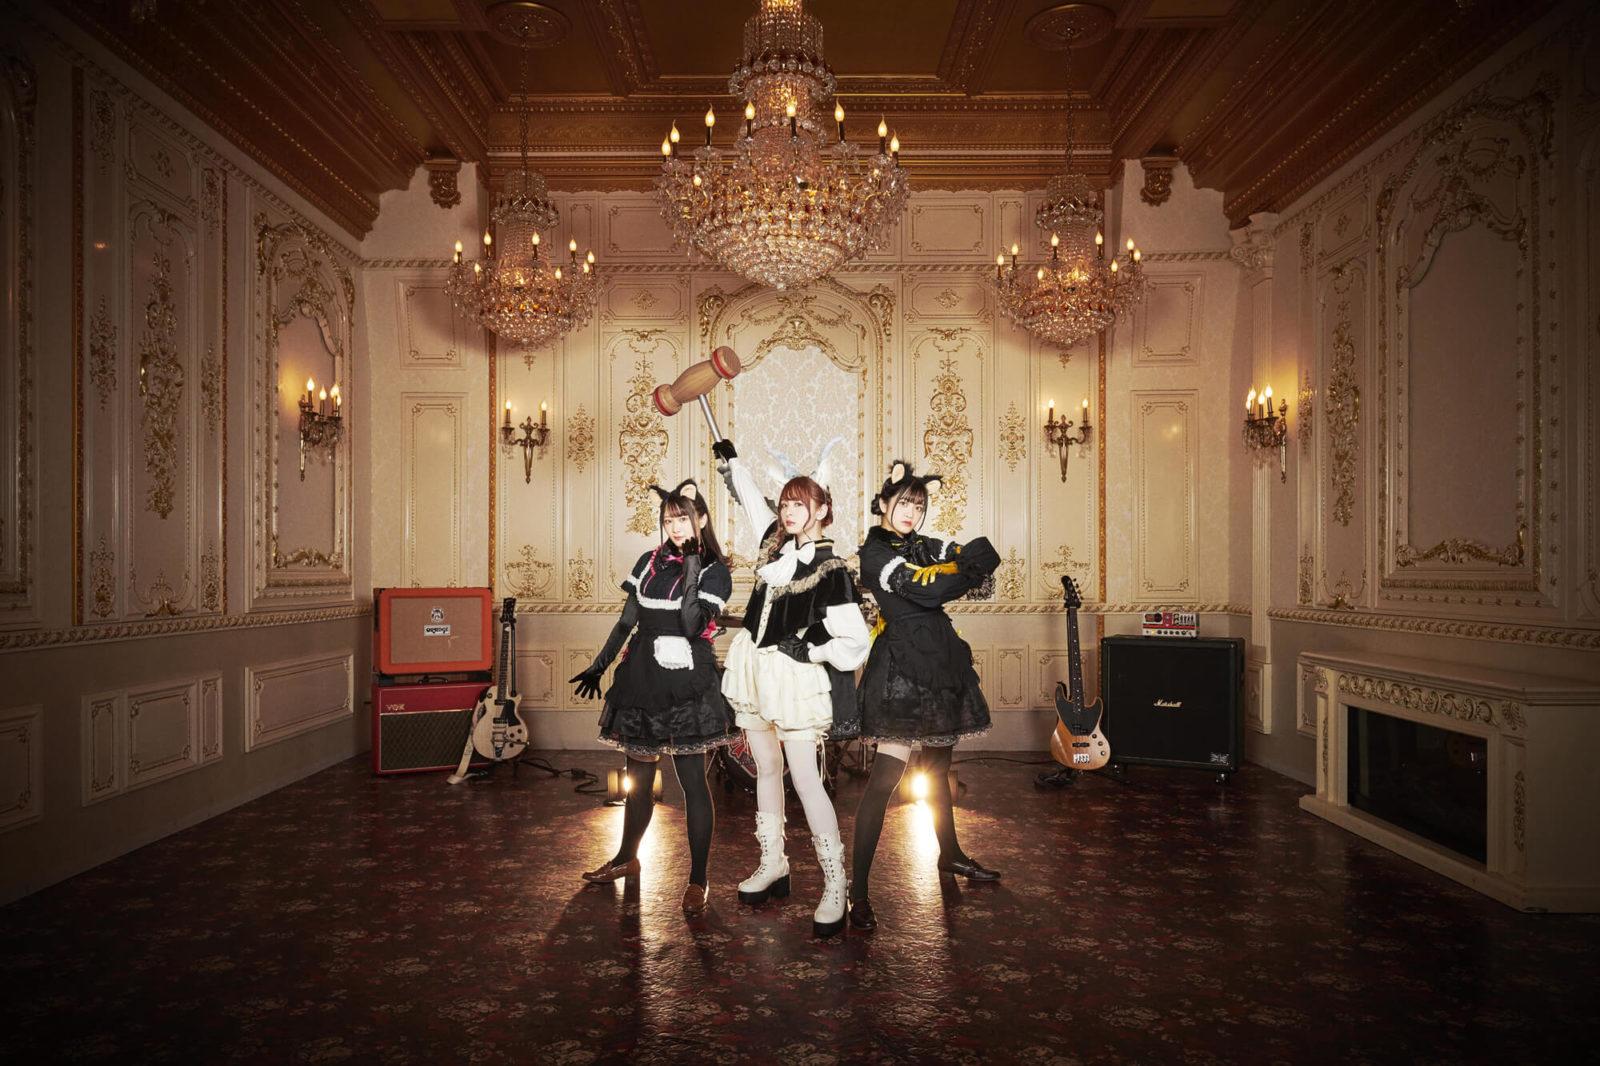 ×ジャパリ団、デビューアルバムより「確固不×論」のミュージックビデオを公開サムネイル画像